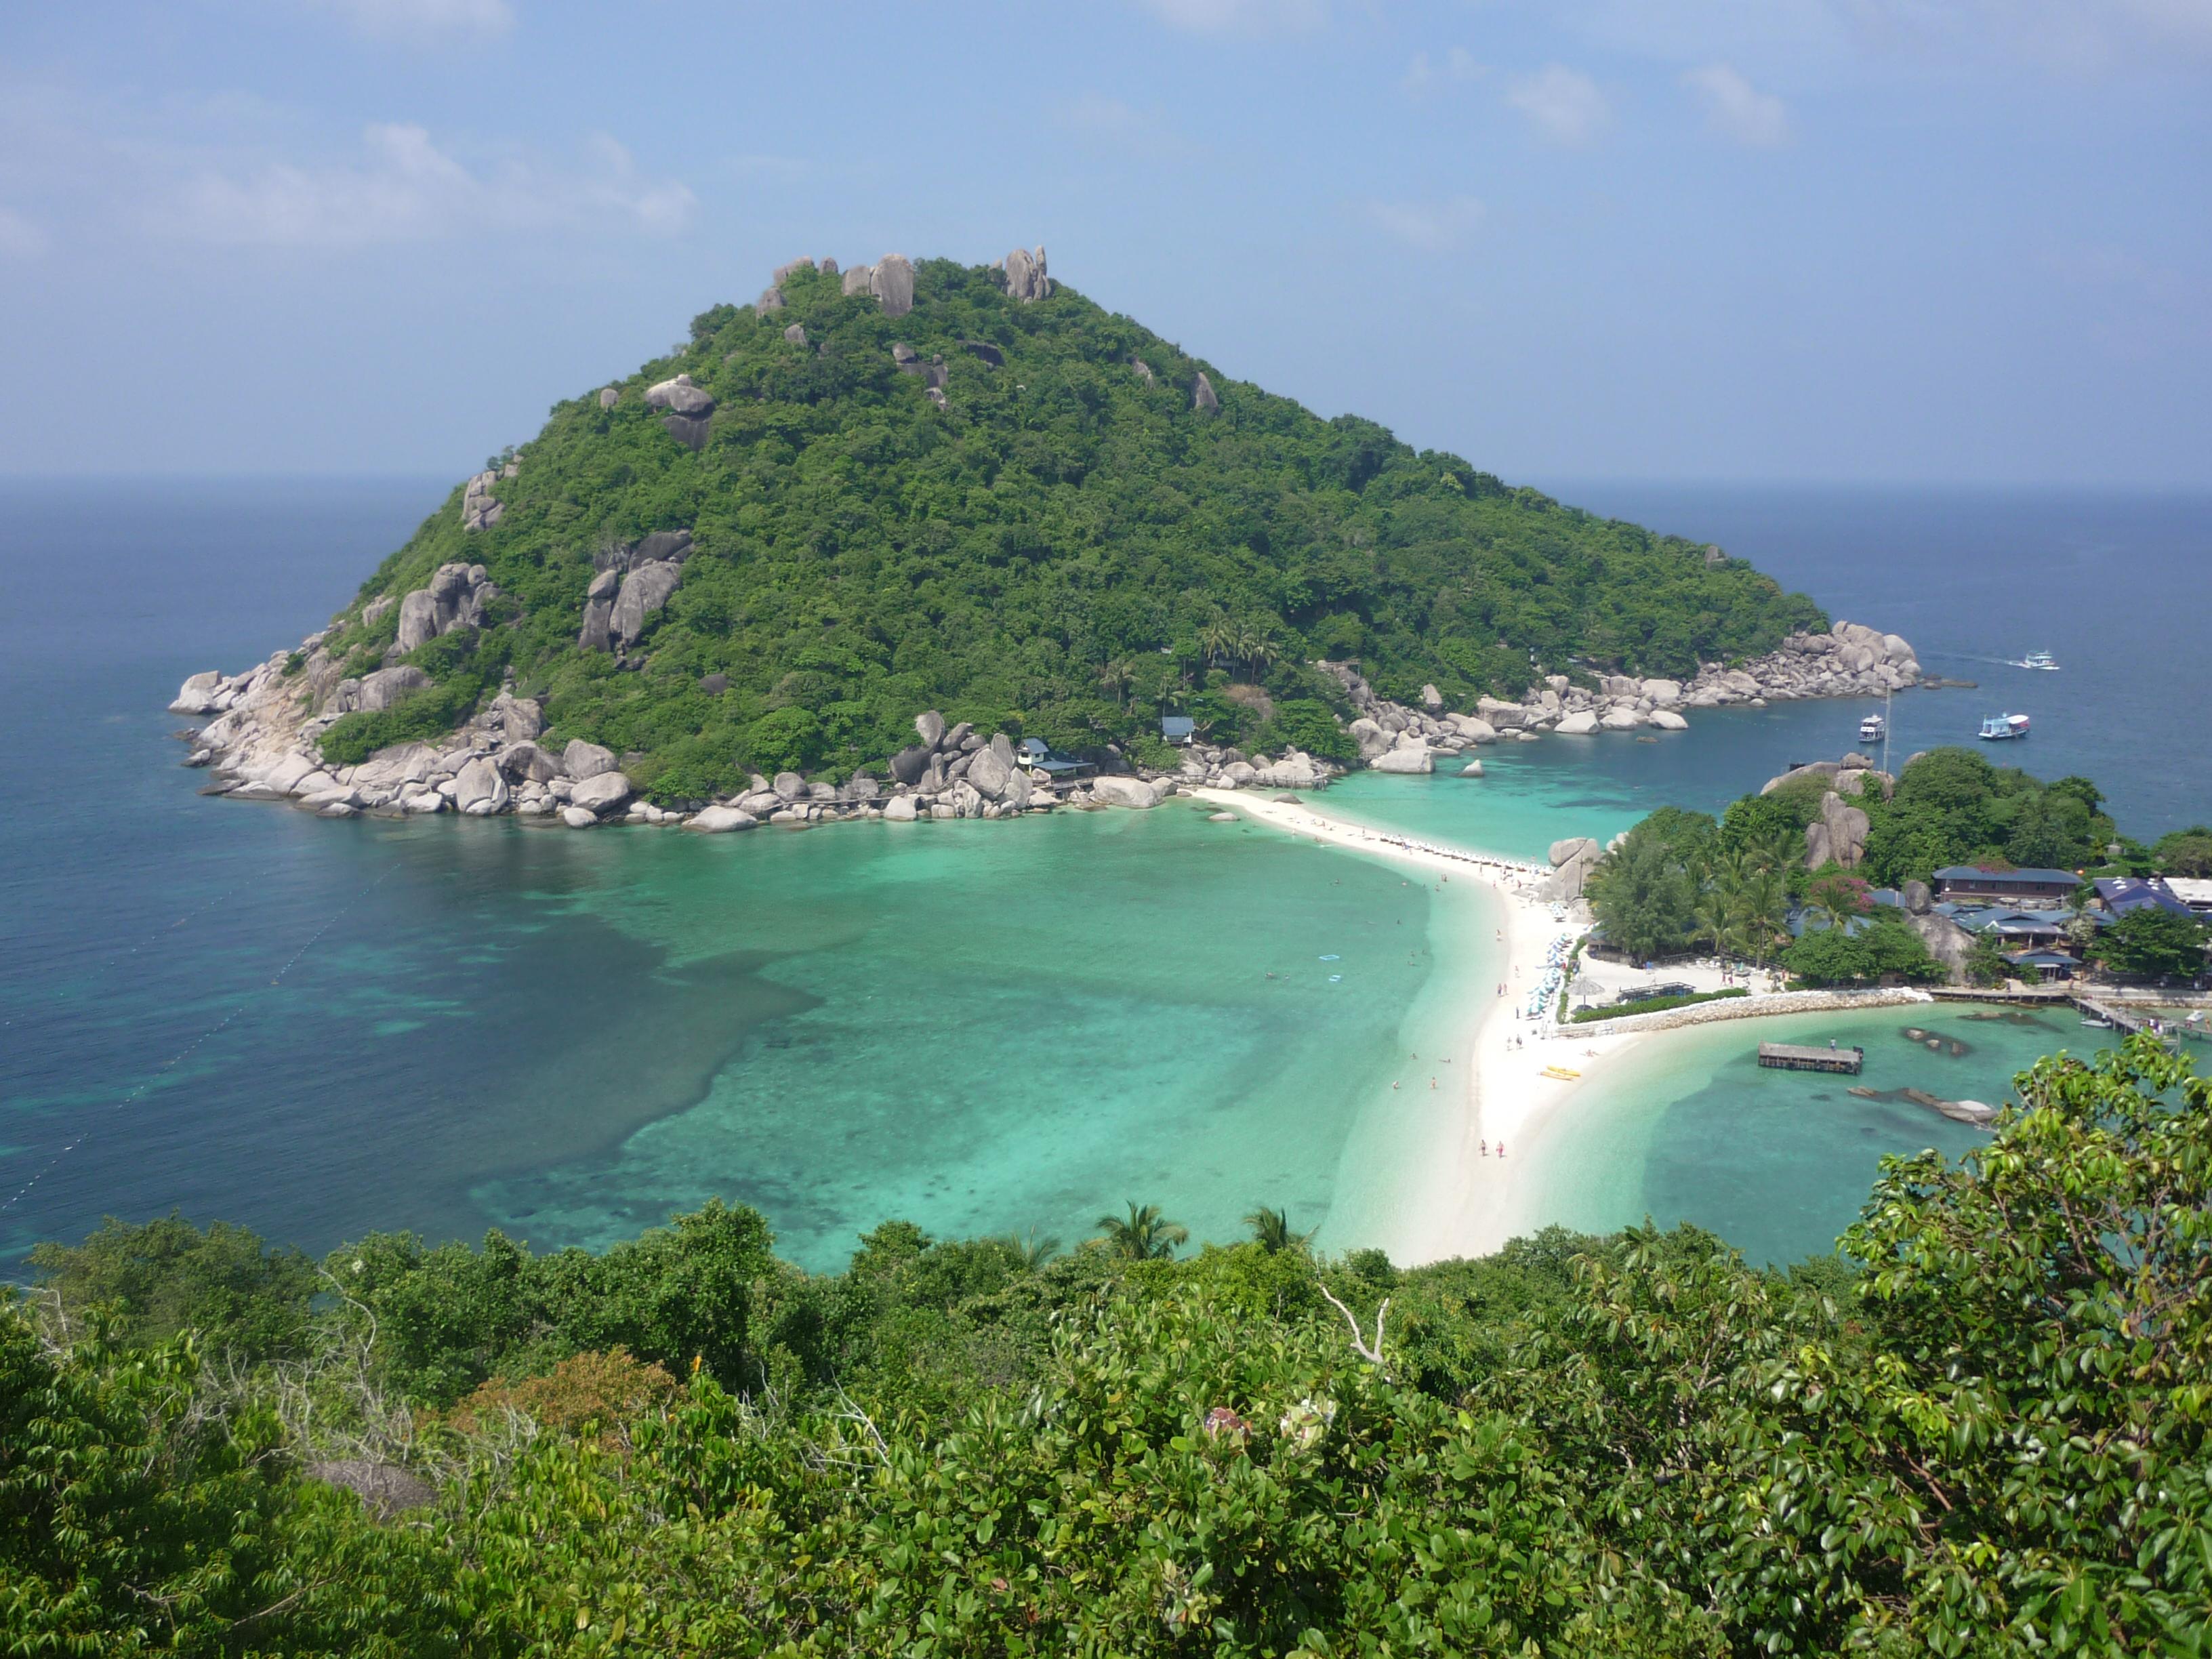 افضل الرحلات  والجولات السياحية فى جزيرة ساموي فى تايلاند | جزيرة ساموى تايلاند